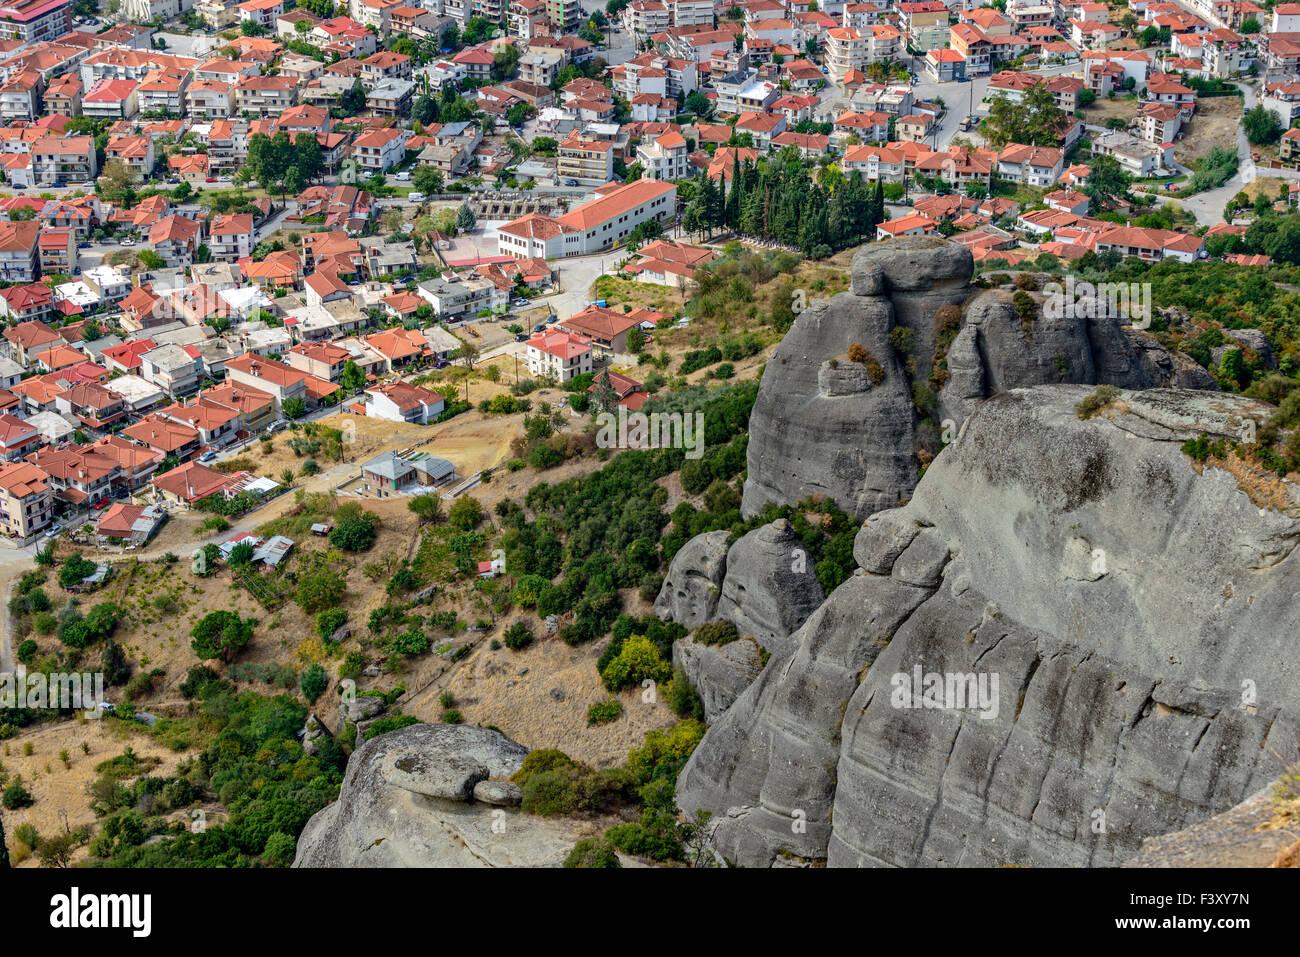 Vista aerea della piccola città in Grecia Immagini Stock